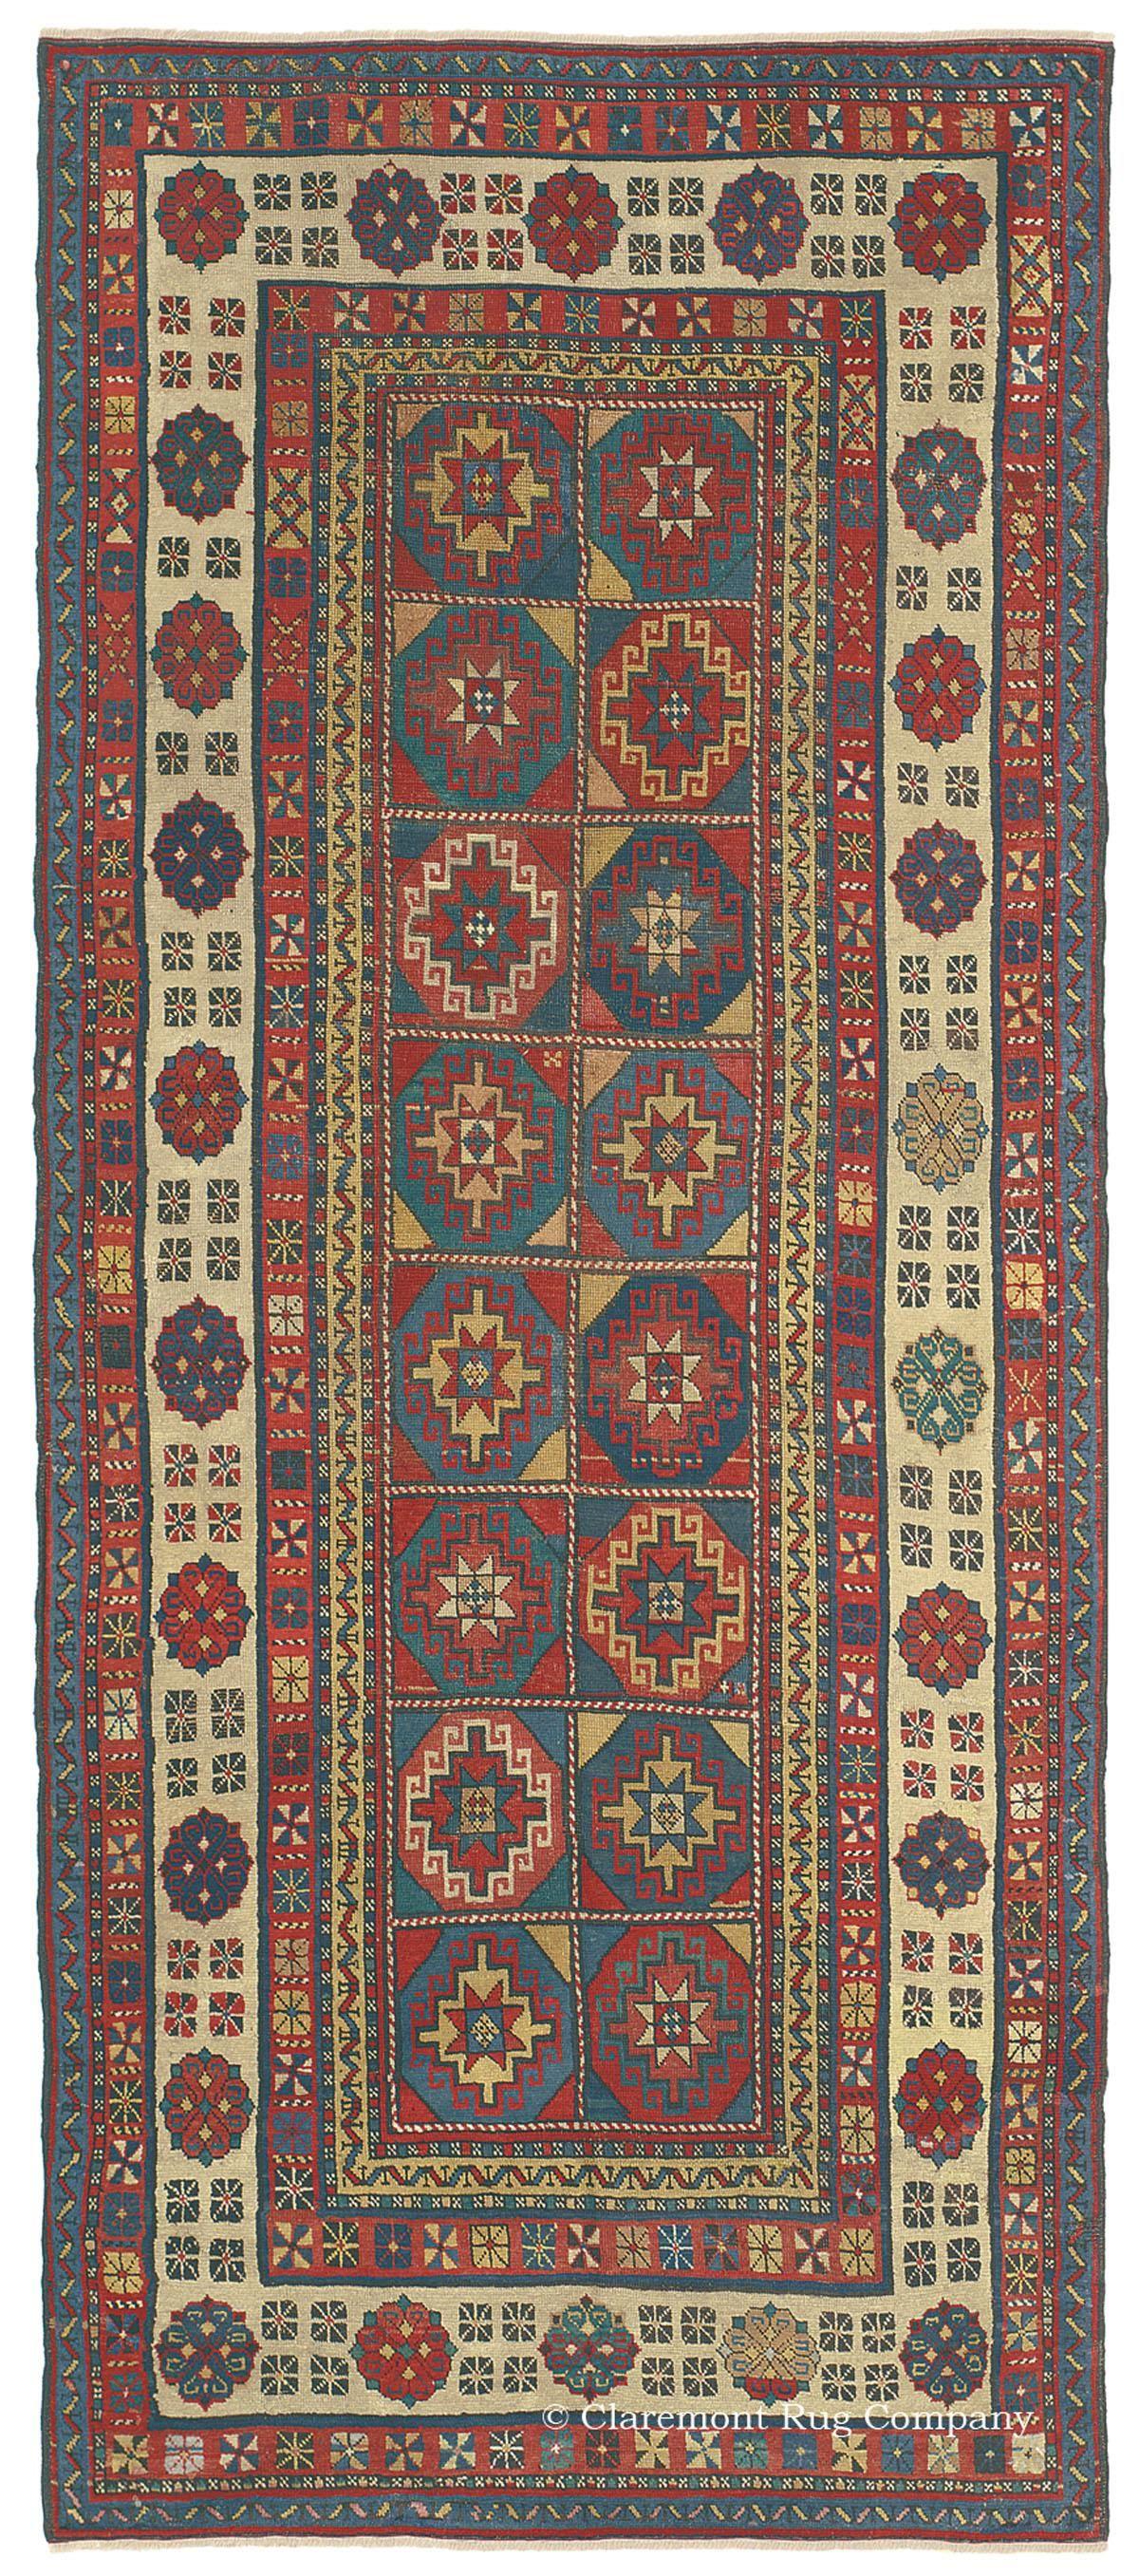 Masterful 19th Century Caucasian Antique Carpet Rugs On Carpet Rugs Carpet